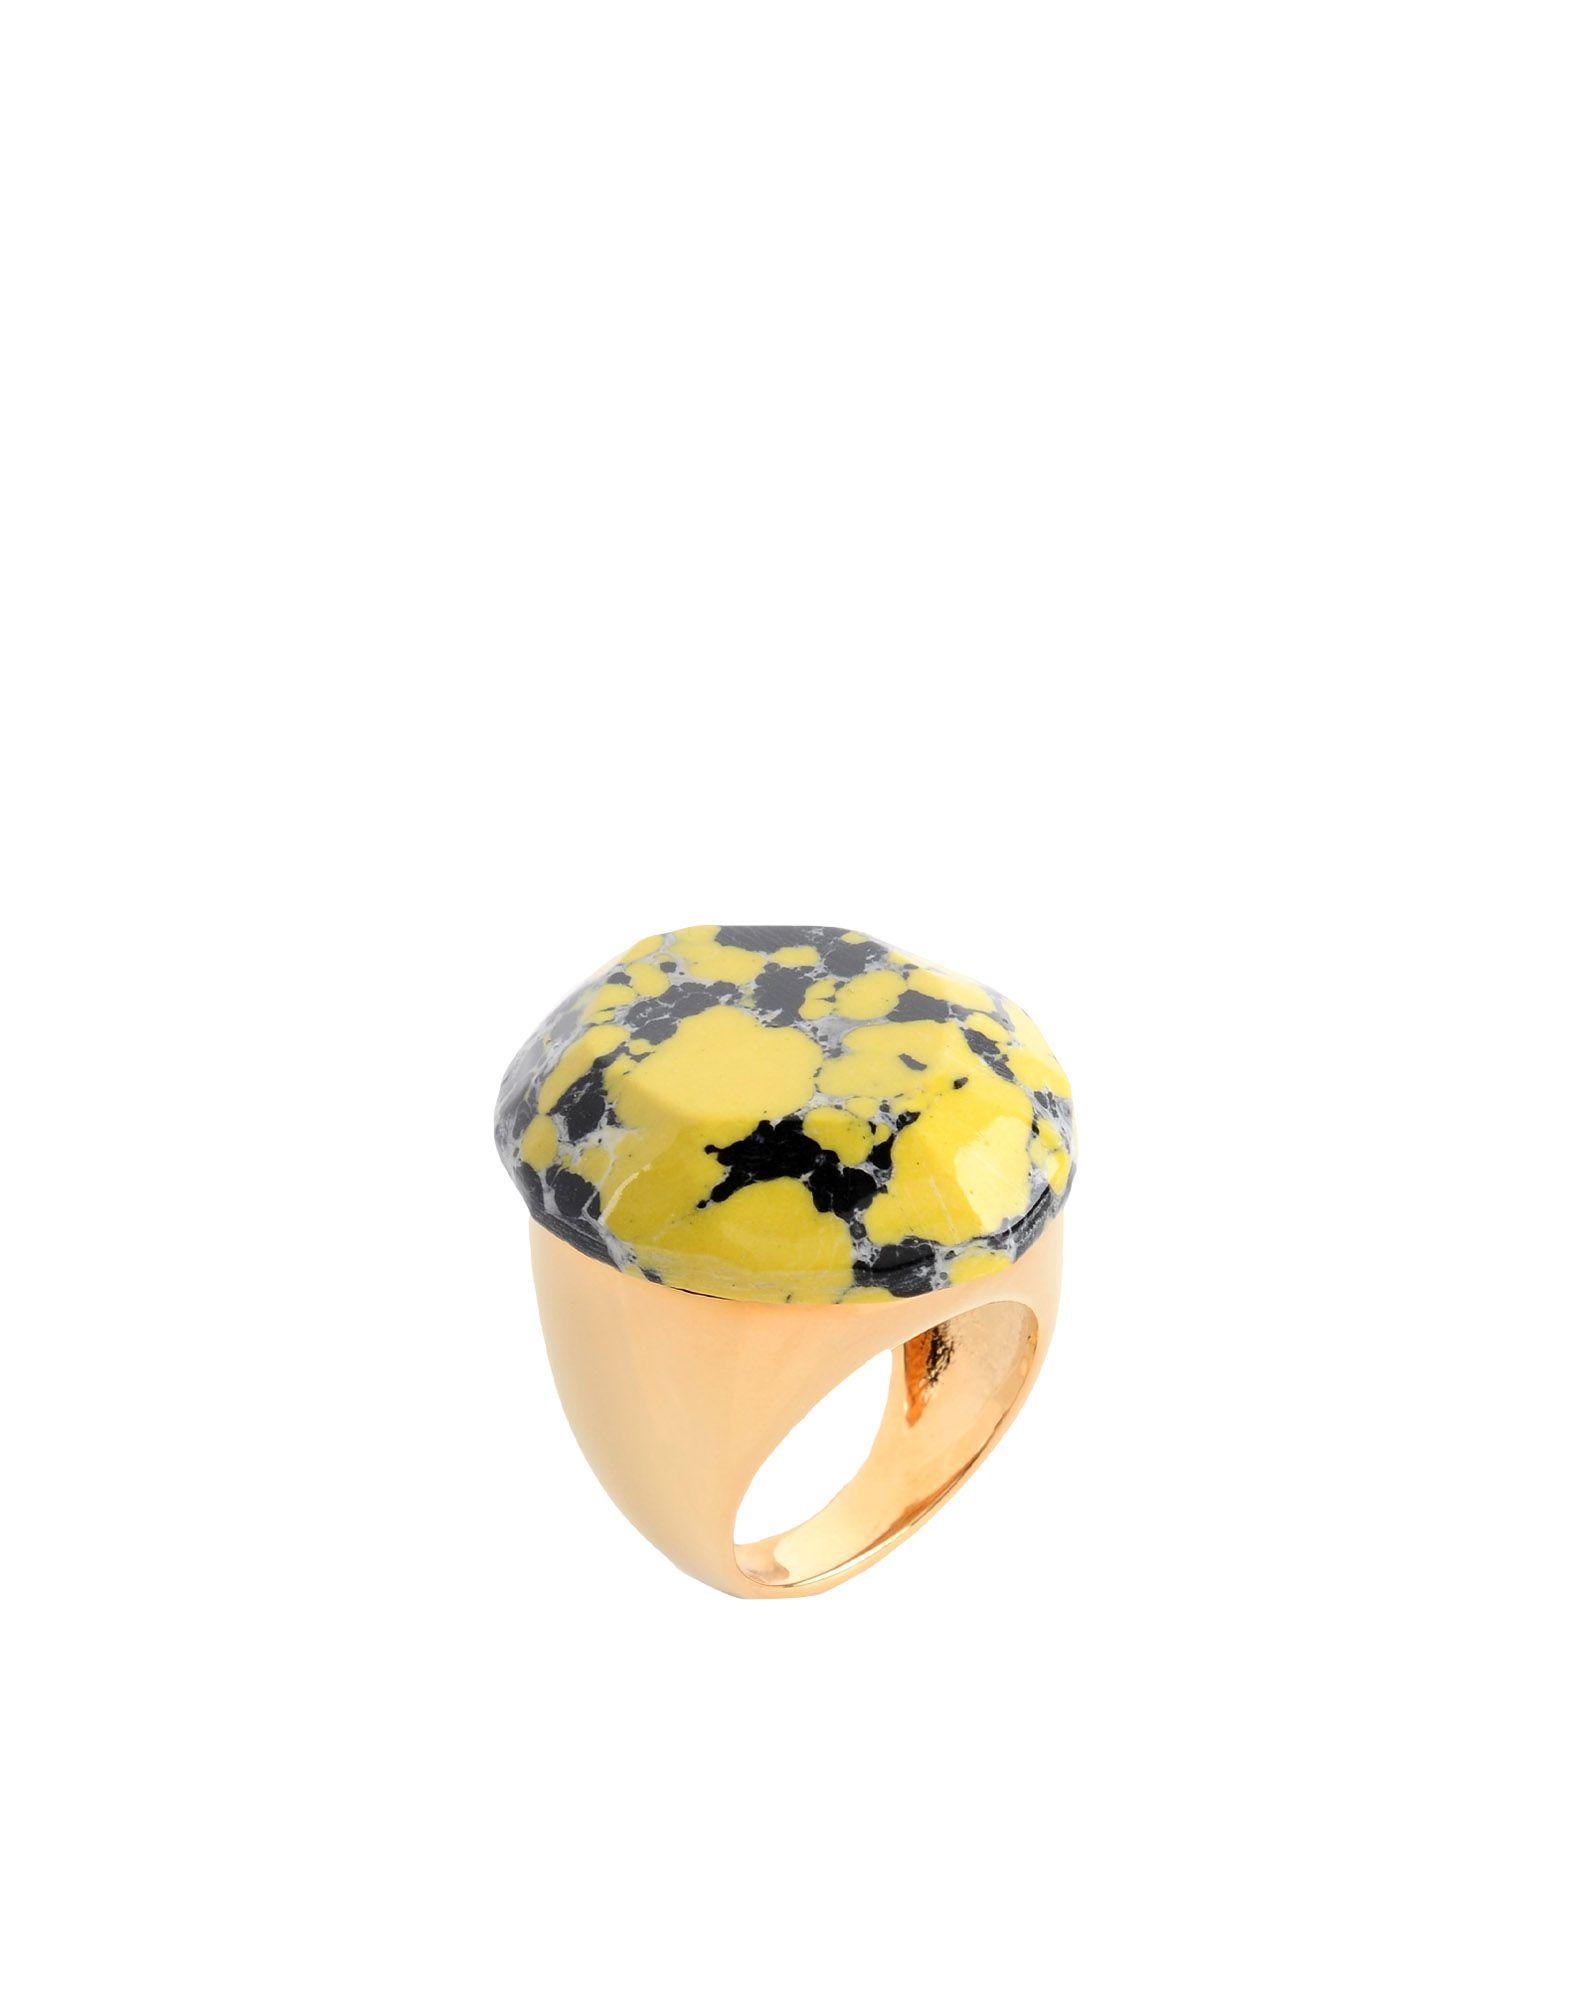 《送料無料》STELLA McCARTNEY レディース 指輪 イエロー L 真鍮/ブラス